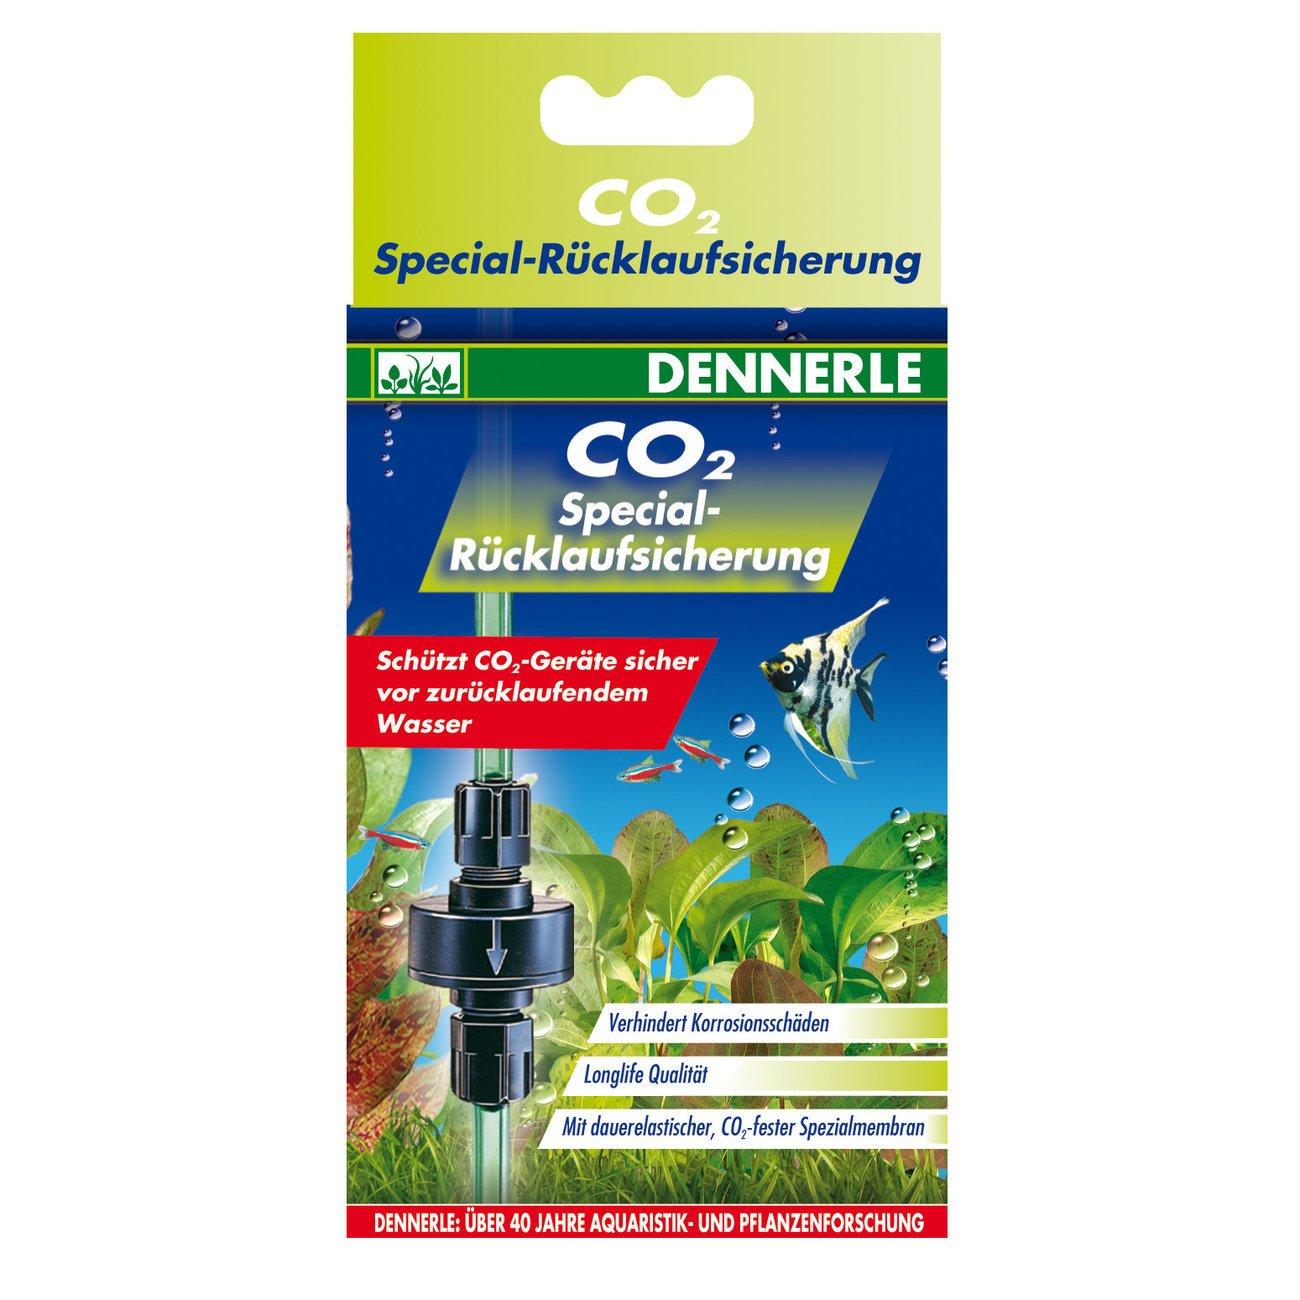 Dennerle CO2 Special-Rücklaufsicherung Bild 1